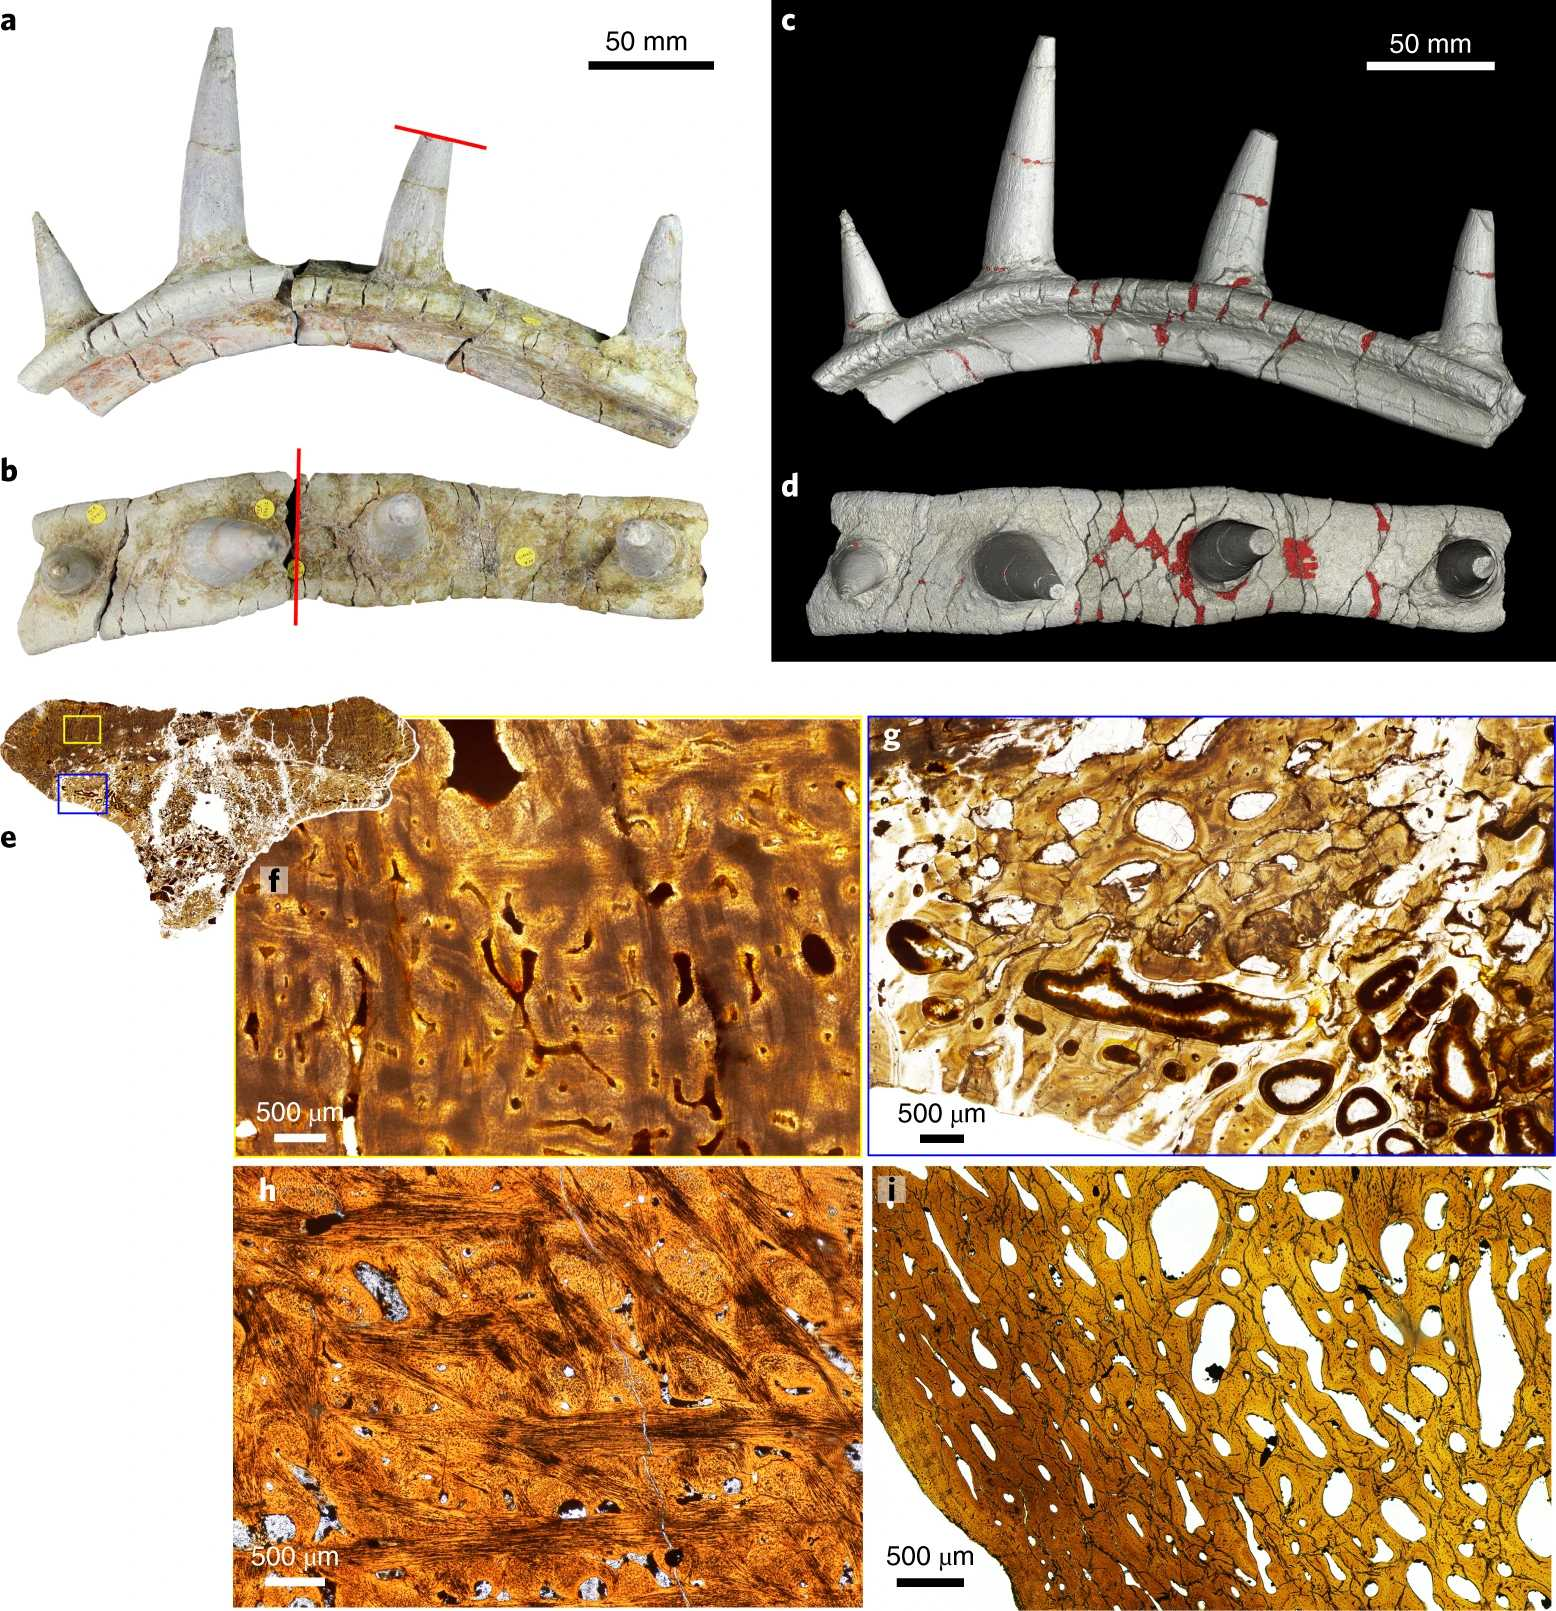 Ребра первого африканского анкилозавра усеивали шипы